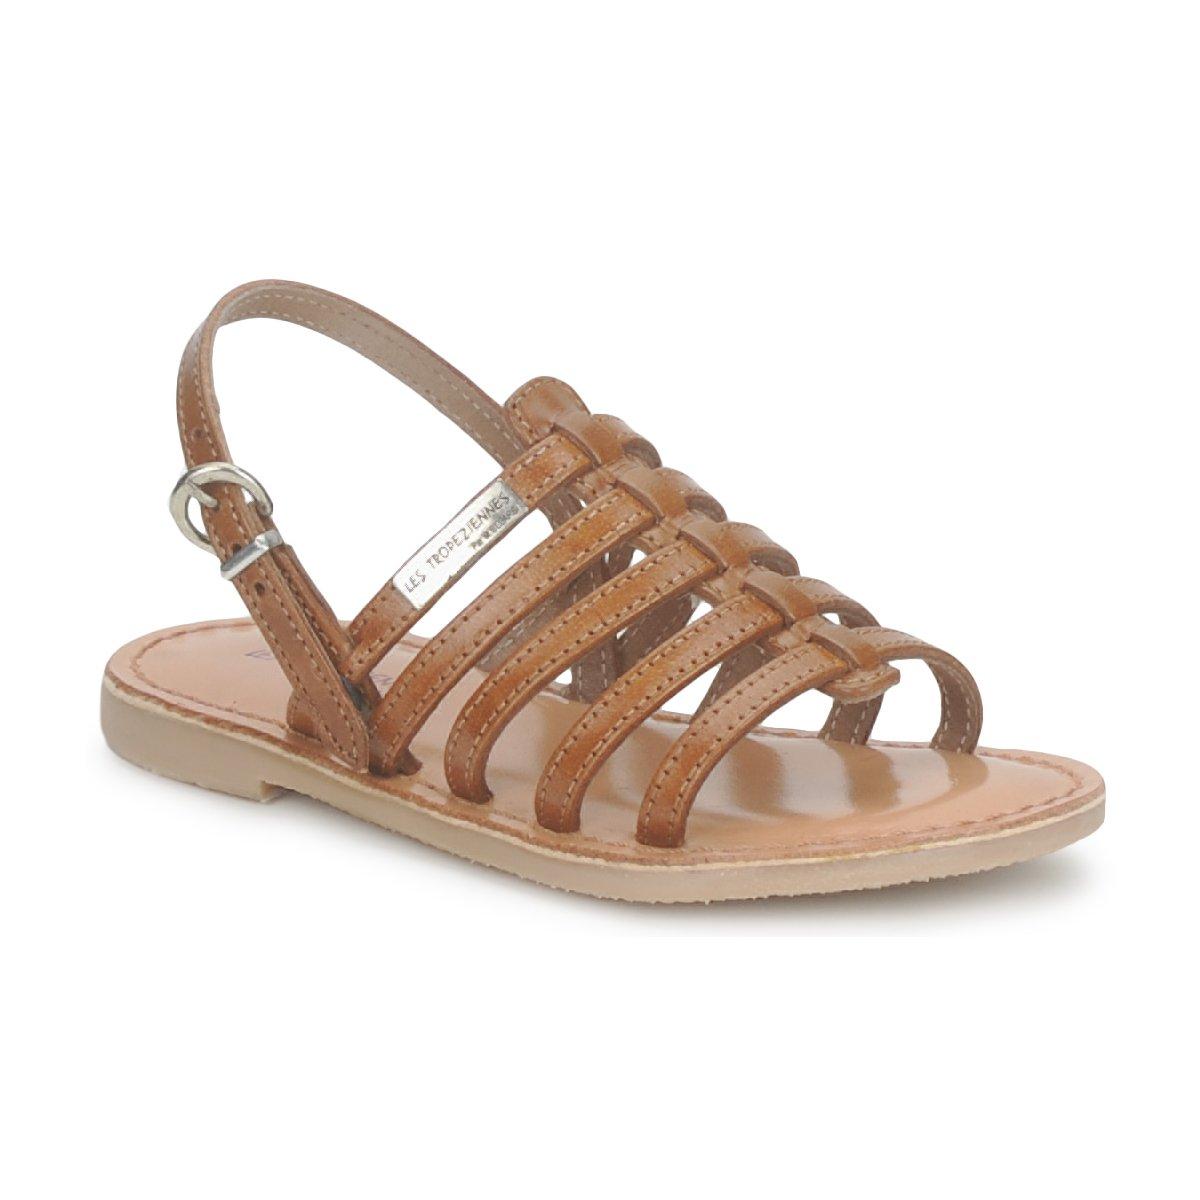 Sandalias Les Tropéziennes par M Belarbi MANGUE Tan - Entrega gratuita con Spartoo.es ! - Zapatos Nino 32,00 €